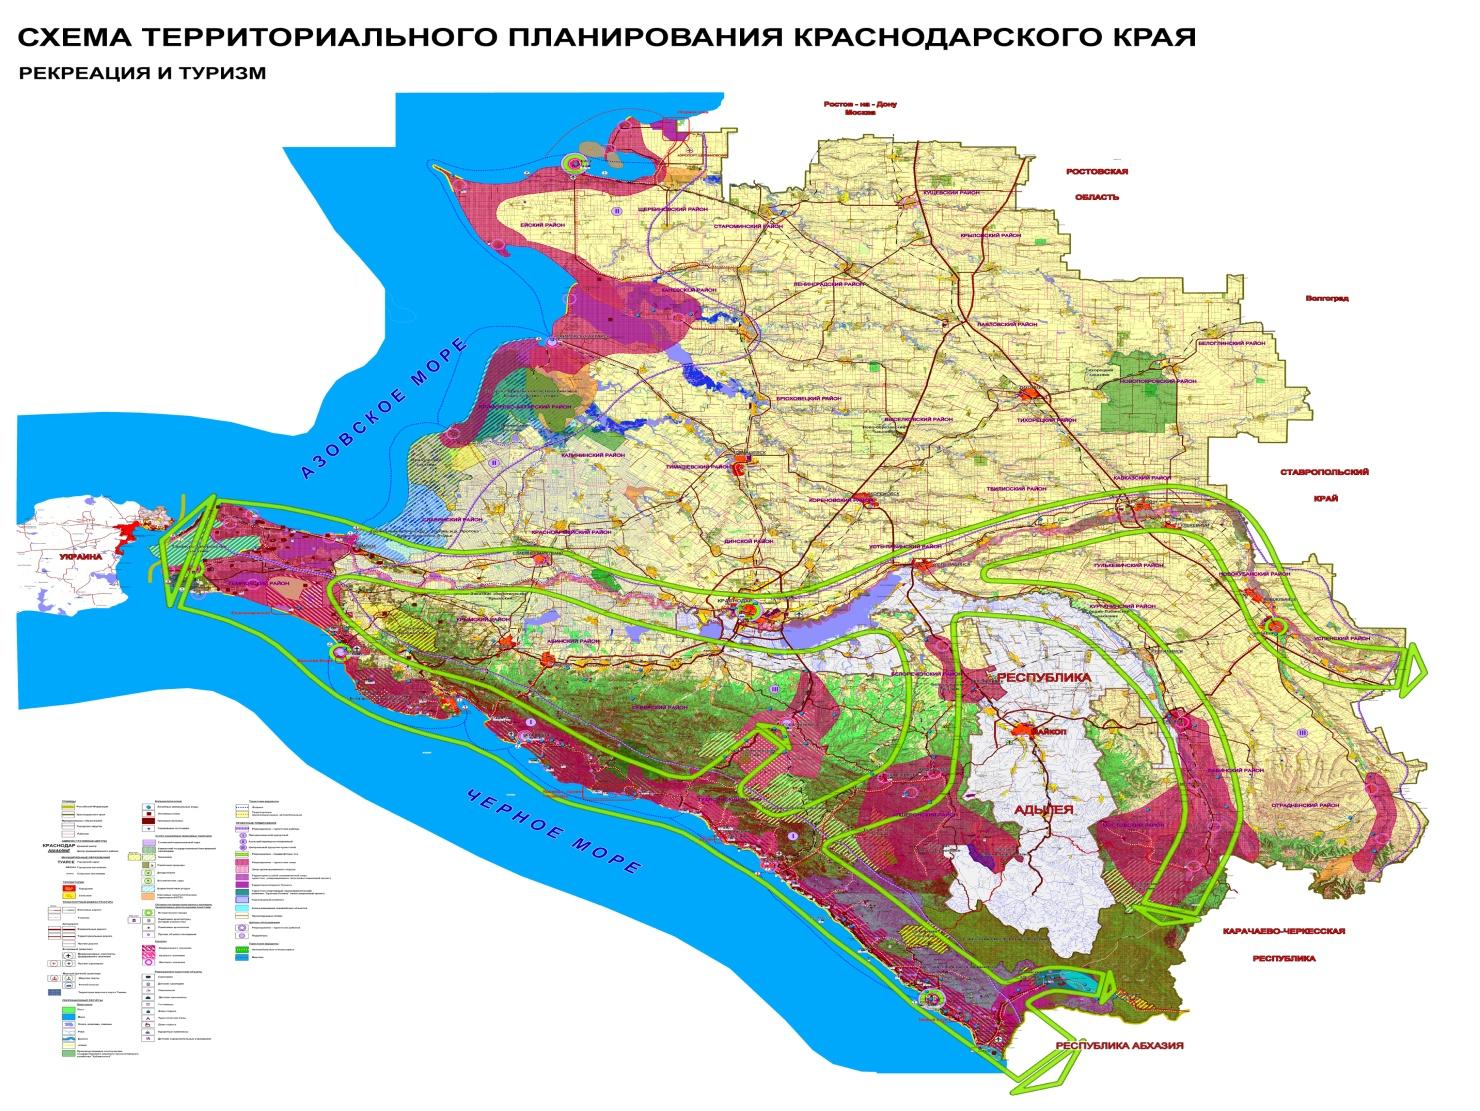 Схема территориального планирования субъекта российской федерации является